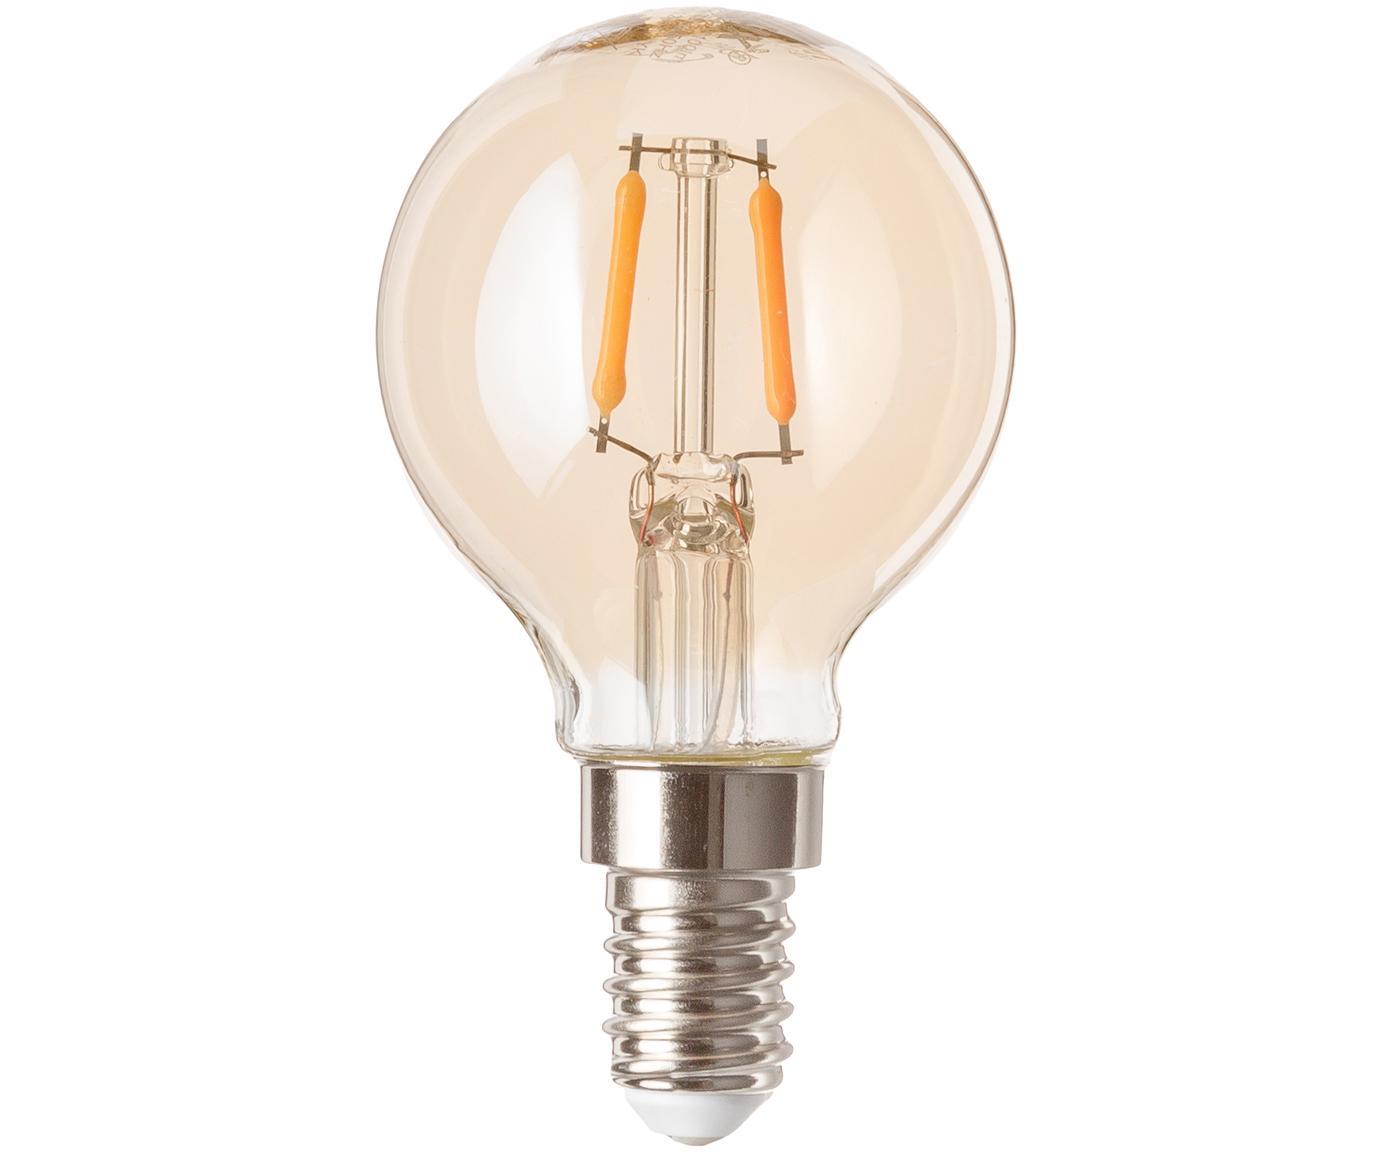 Żarówka LED Luel (E14/1,2 W), 5 szt., Odcienie bursztynowego, Ø 5 x W 8 cm